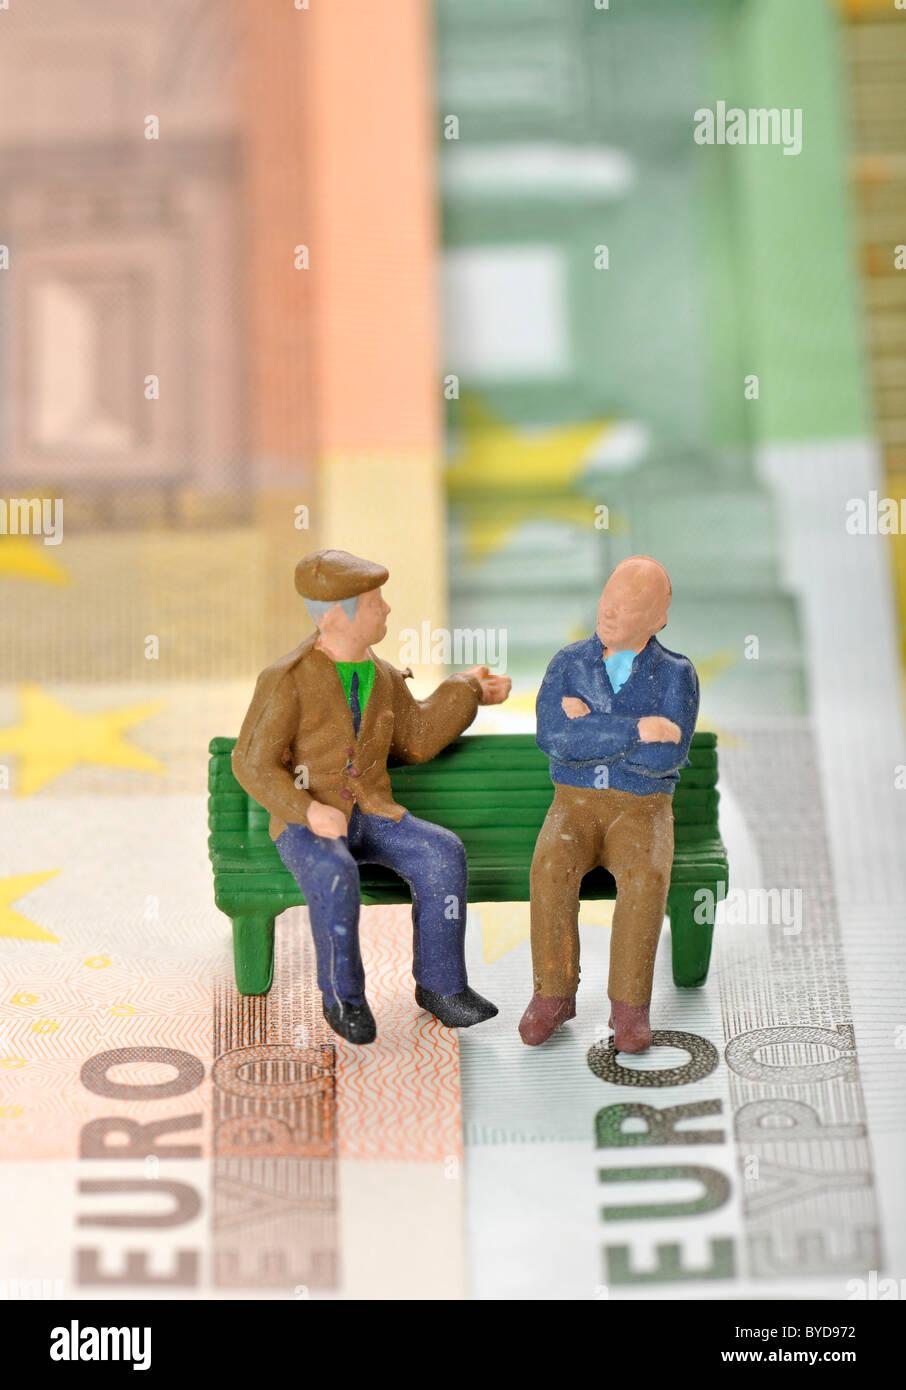 Miniaturfiguren von Senioren auf einer Parkbank auf verschiedenen Euro-Banknoten, symbolisches Bild für Rente Stockbild